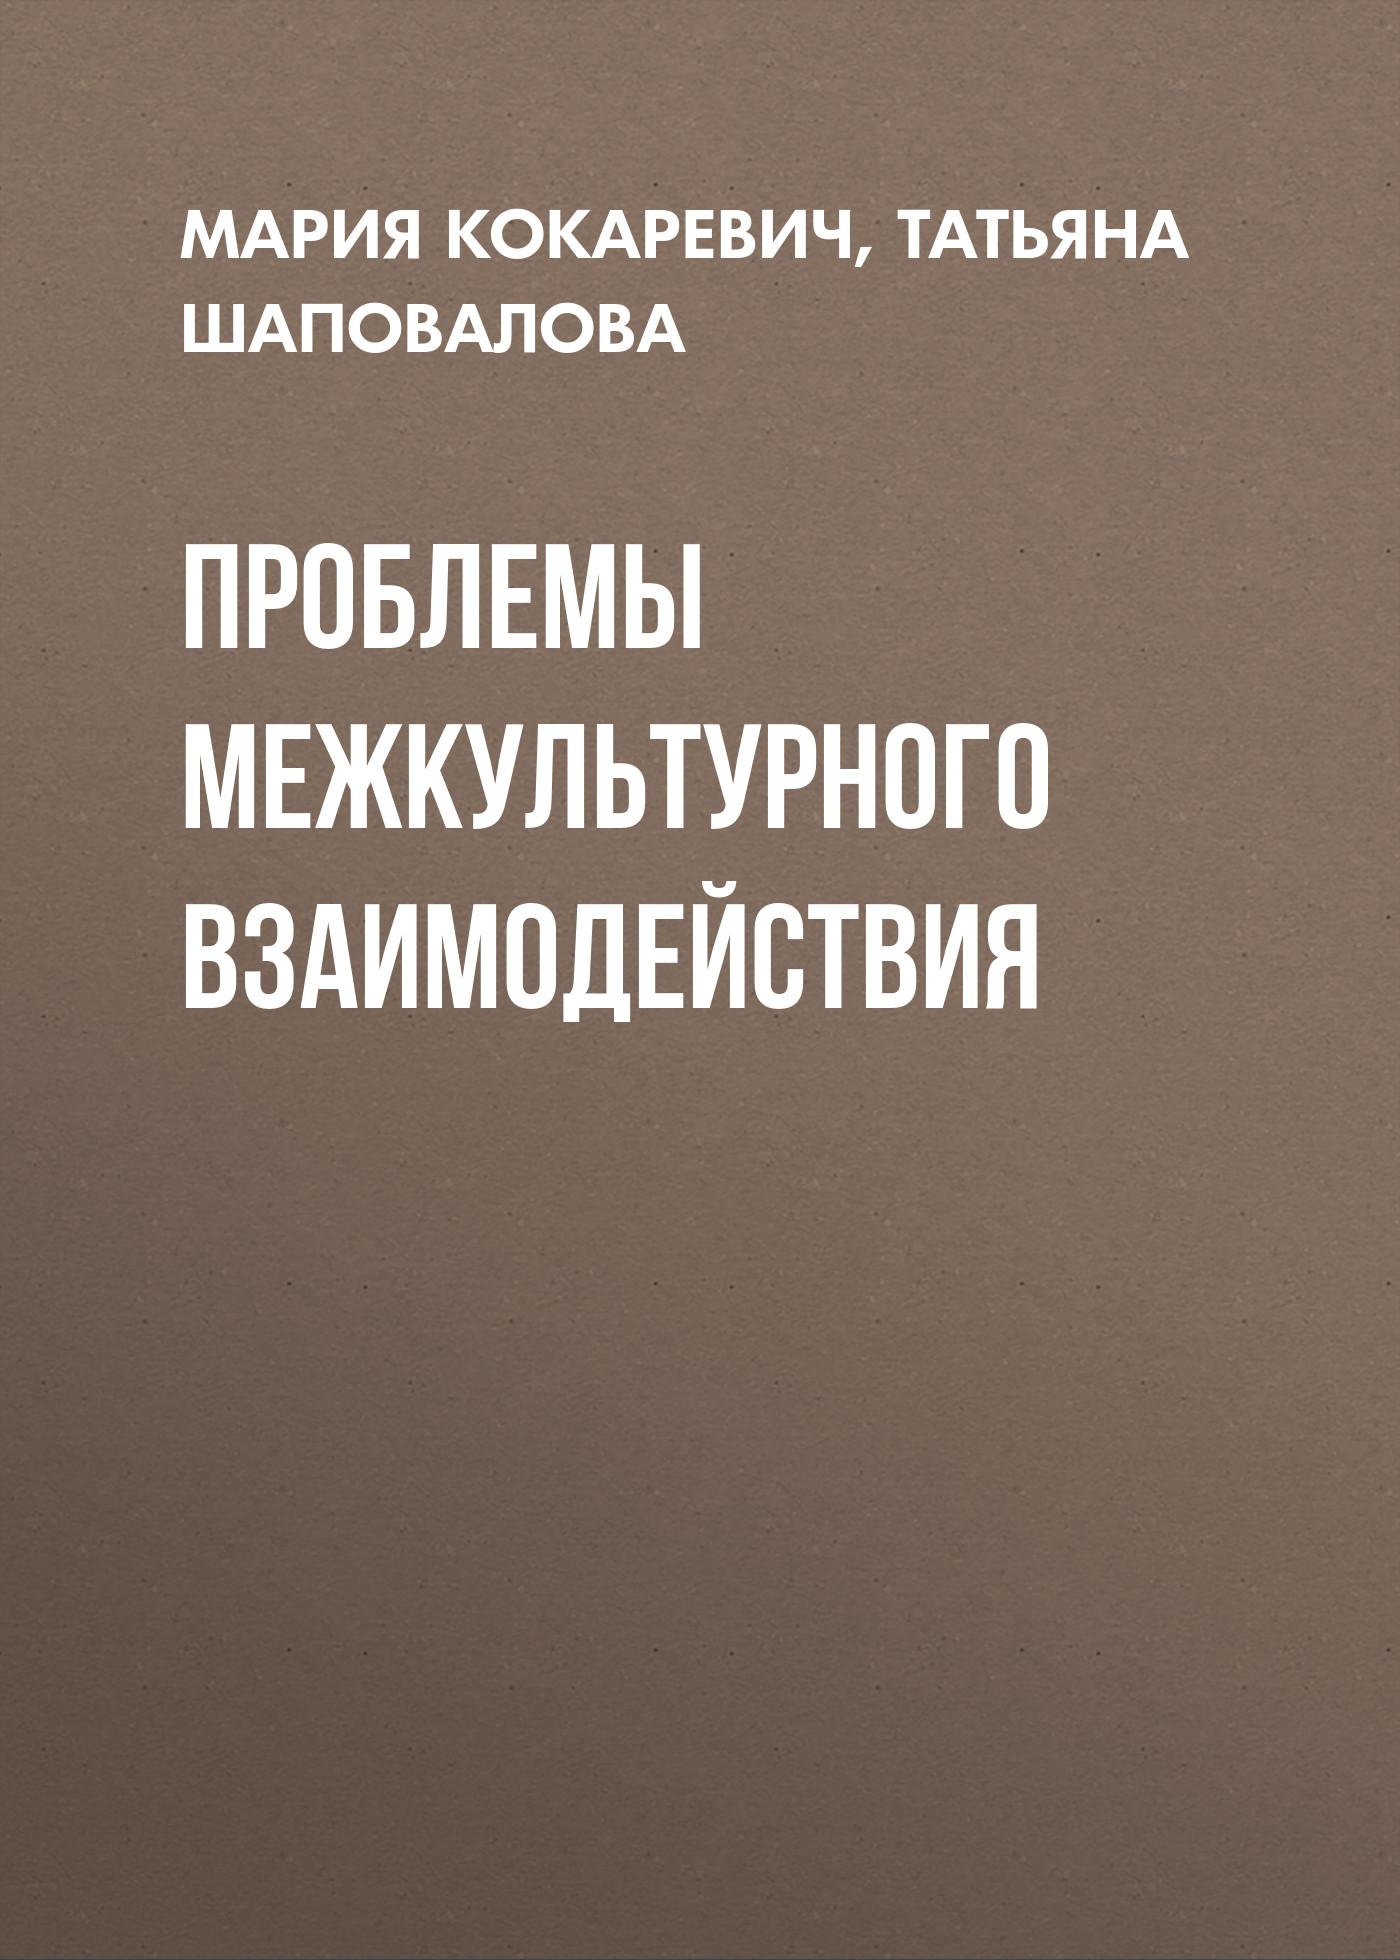 Т. А. Шаповалова Проблемы межкультурного взаимодействия герасимова с культурология и теория телекоммуникации учебное пособие